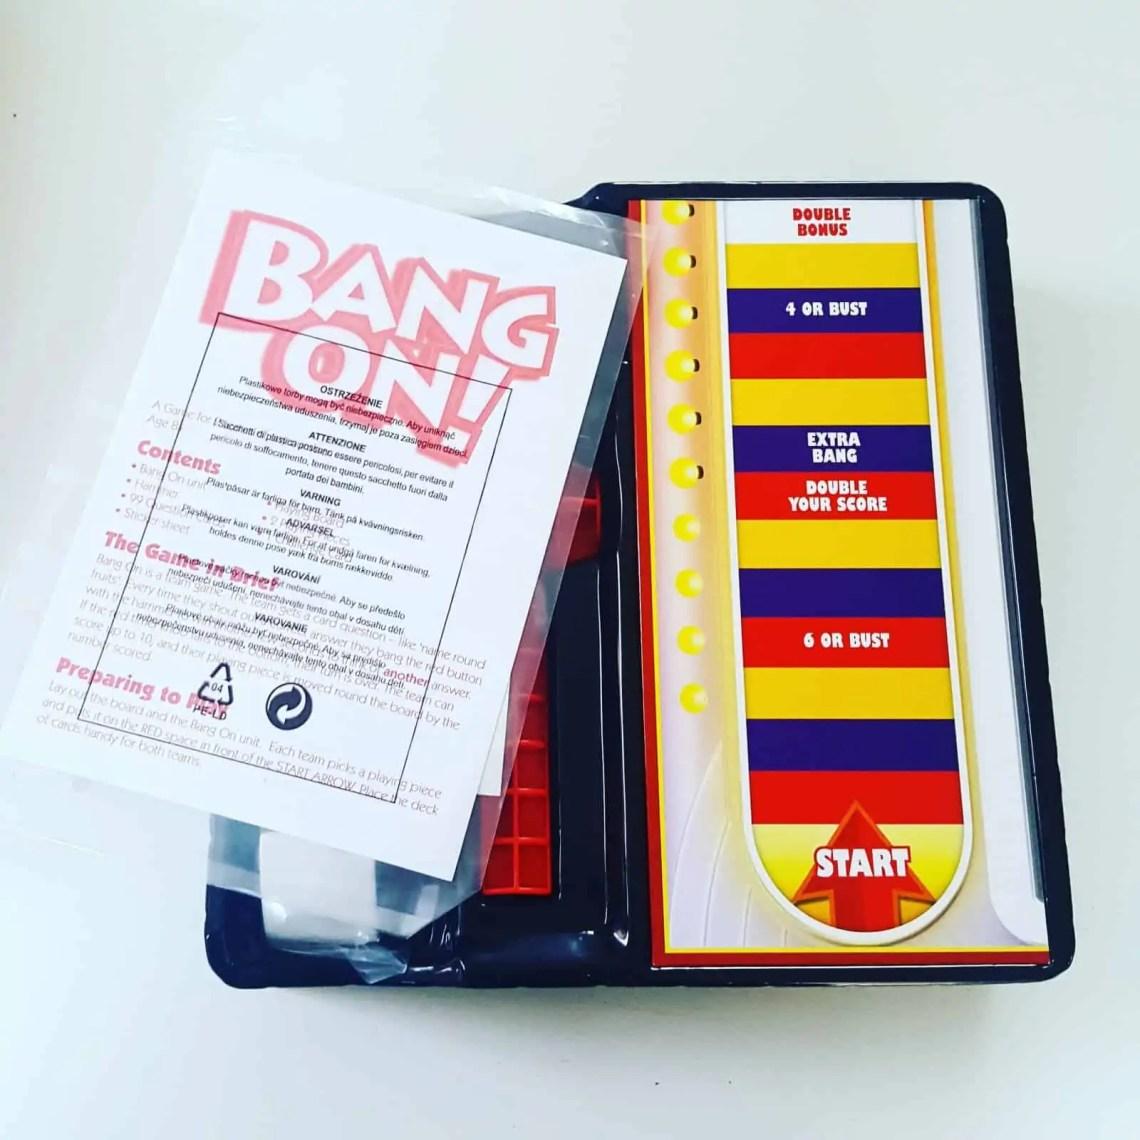 Bang on Game Review